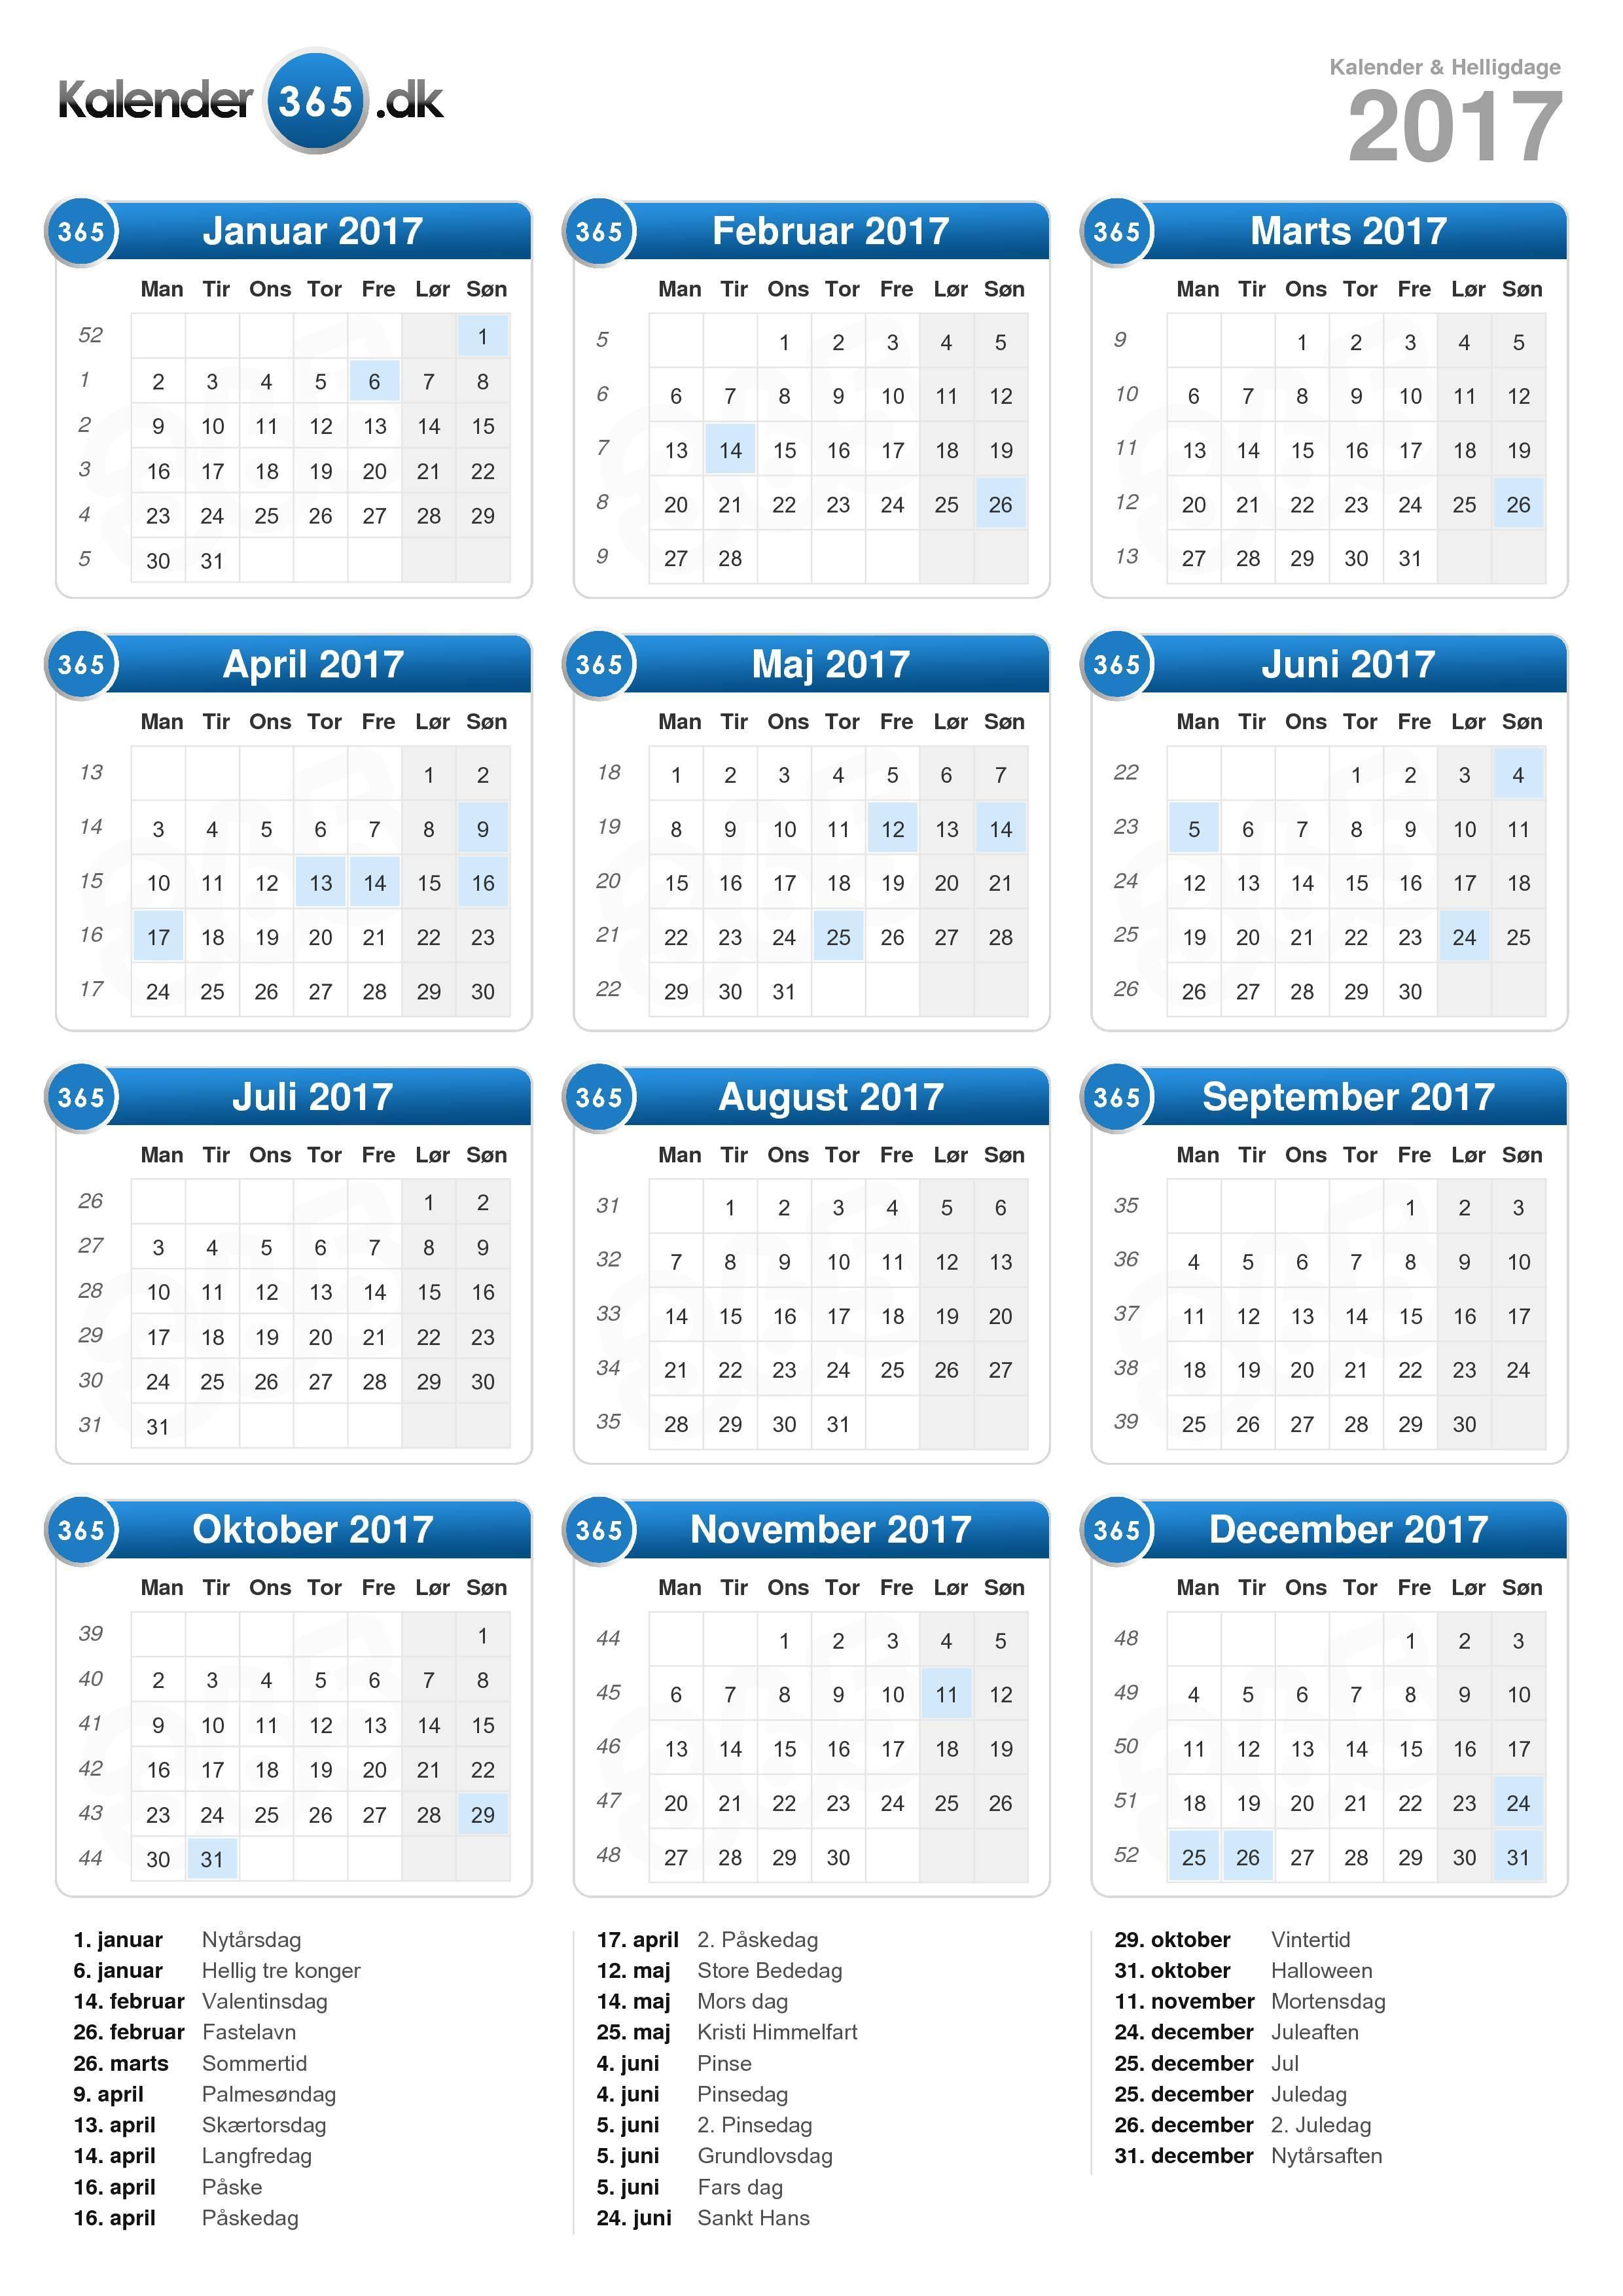 Dårlig oppførsel datoer 2018